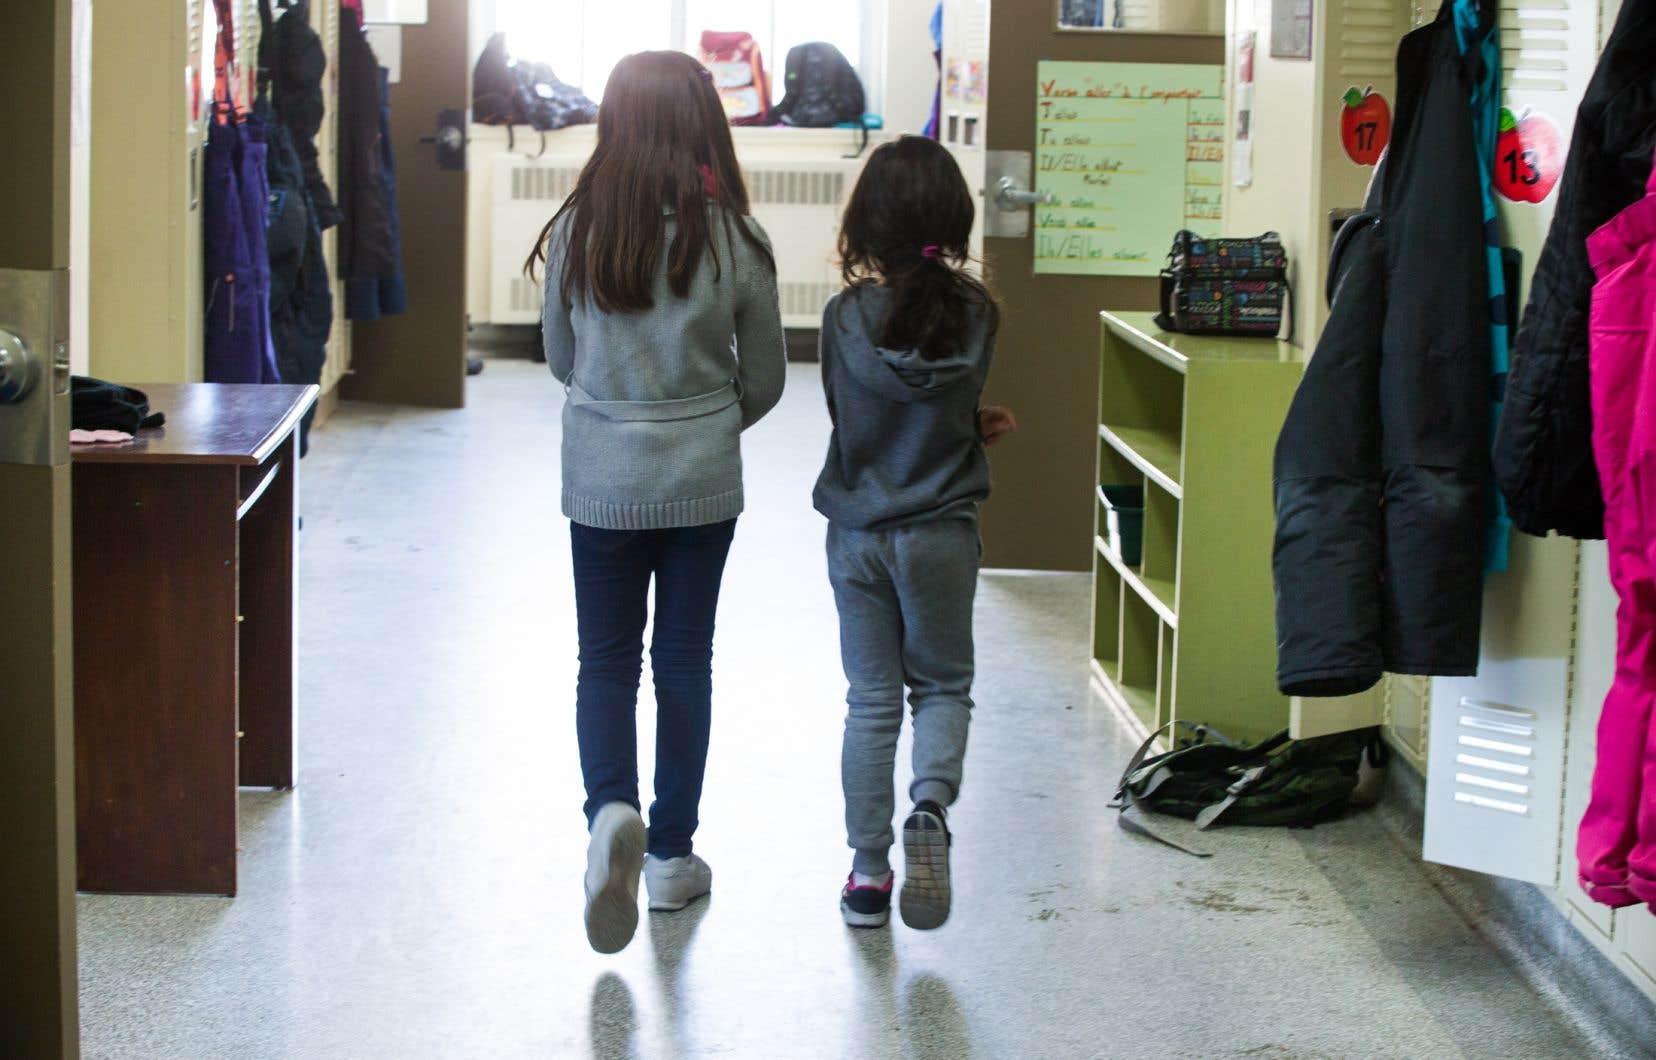 Plusieurs écoles touchées ne sont jamais apparues dans les listes, alors que d'autres y ont été mises par erreur.